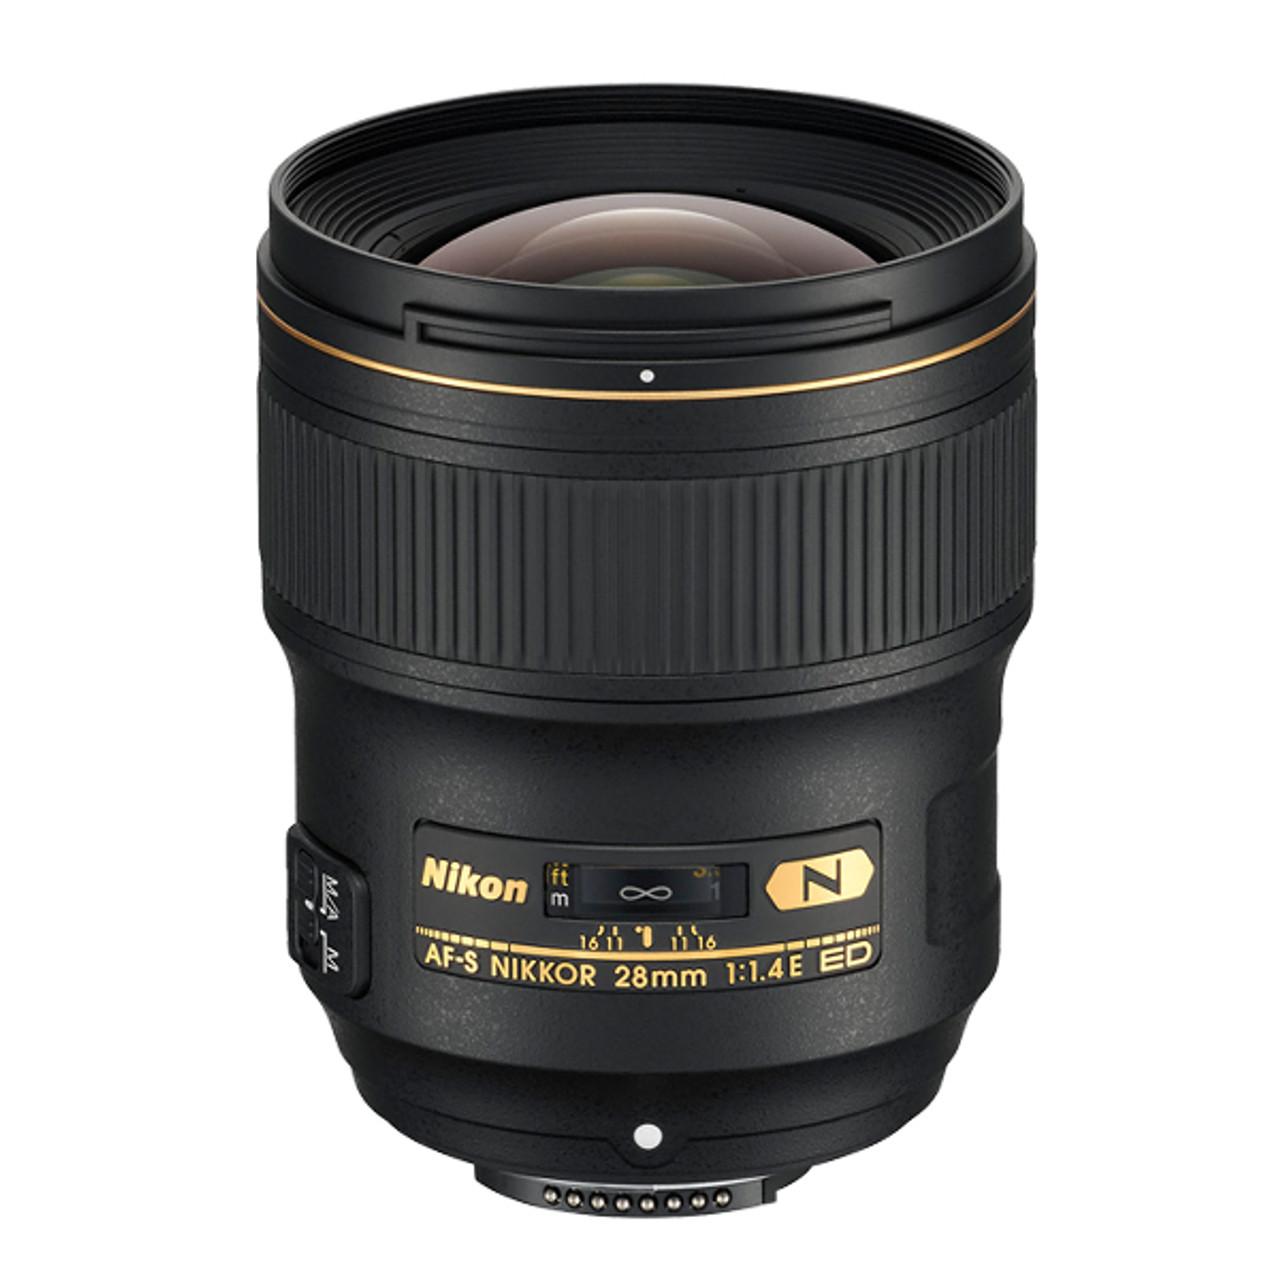 Nikon AF-S FX 28mm F1.4E ED